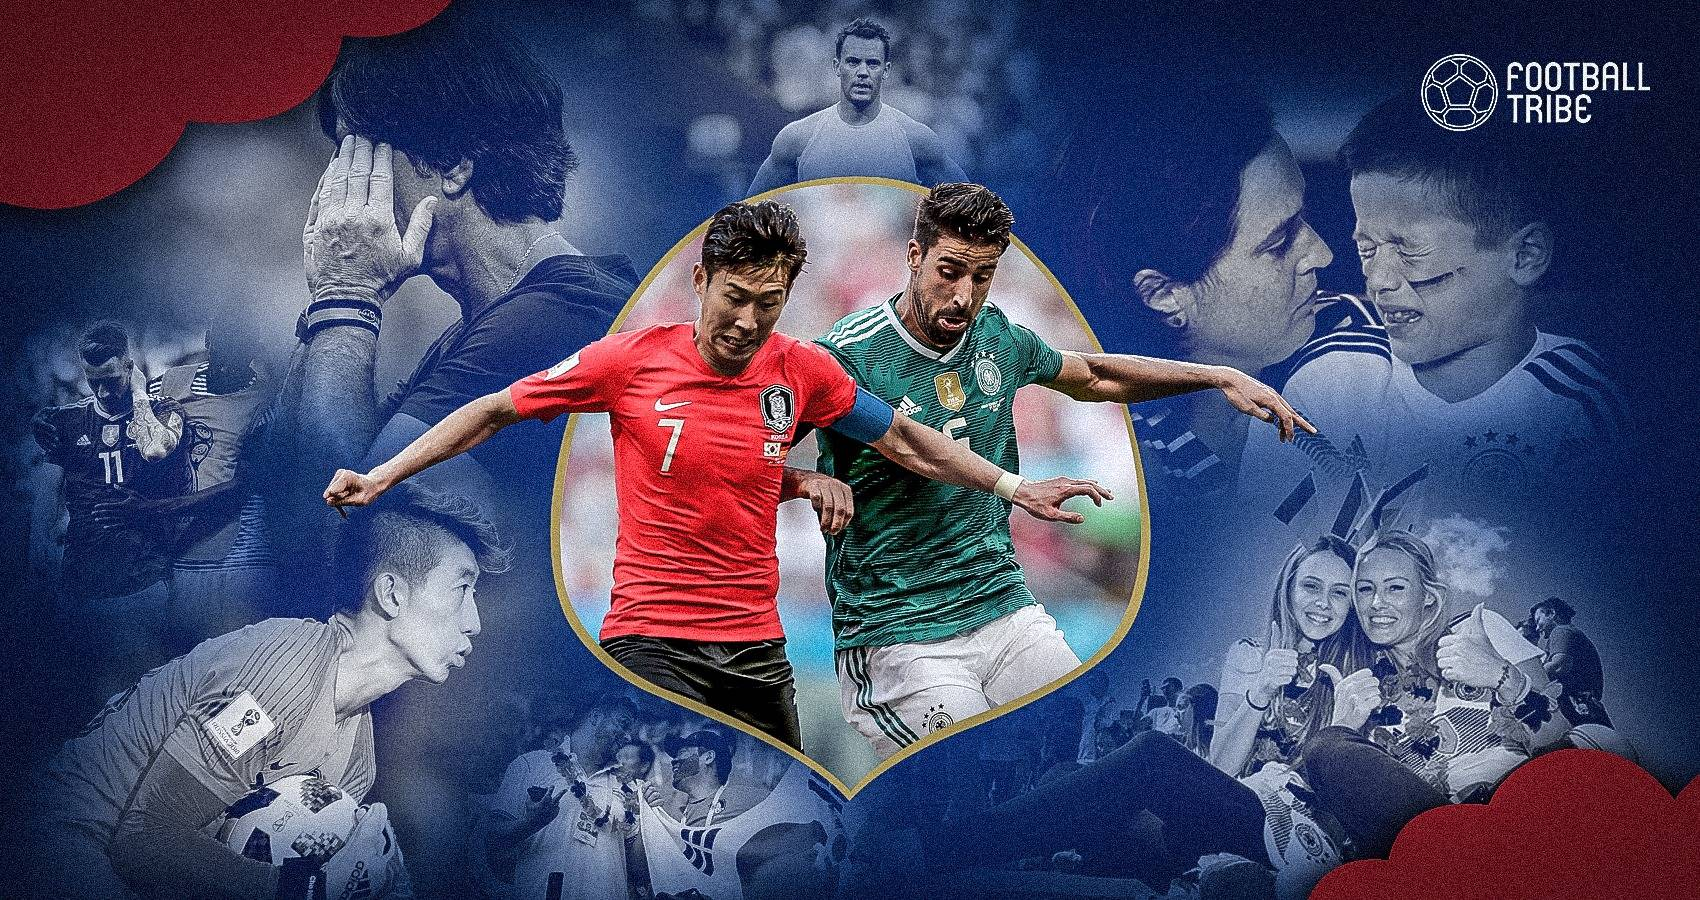 น้ำตาแชมป์เก่า : ประมวลภาพเกมเยอรมันพลิกพ่ายเกาหลีใต้ร่วงบอลโลก